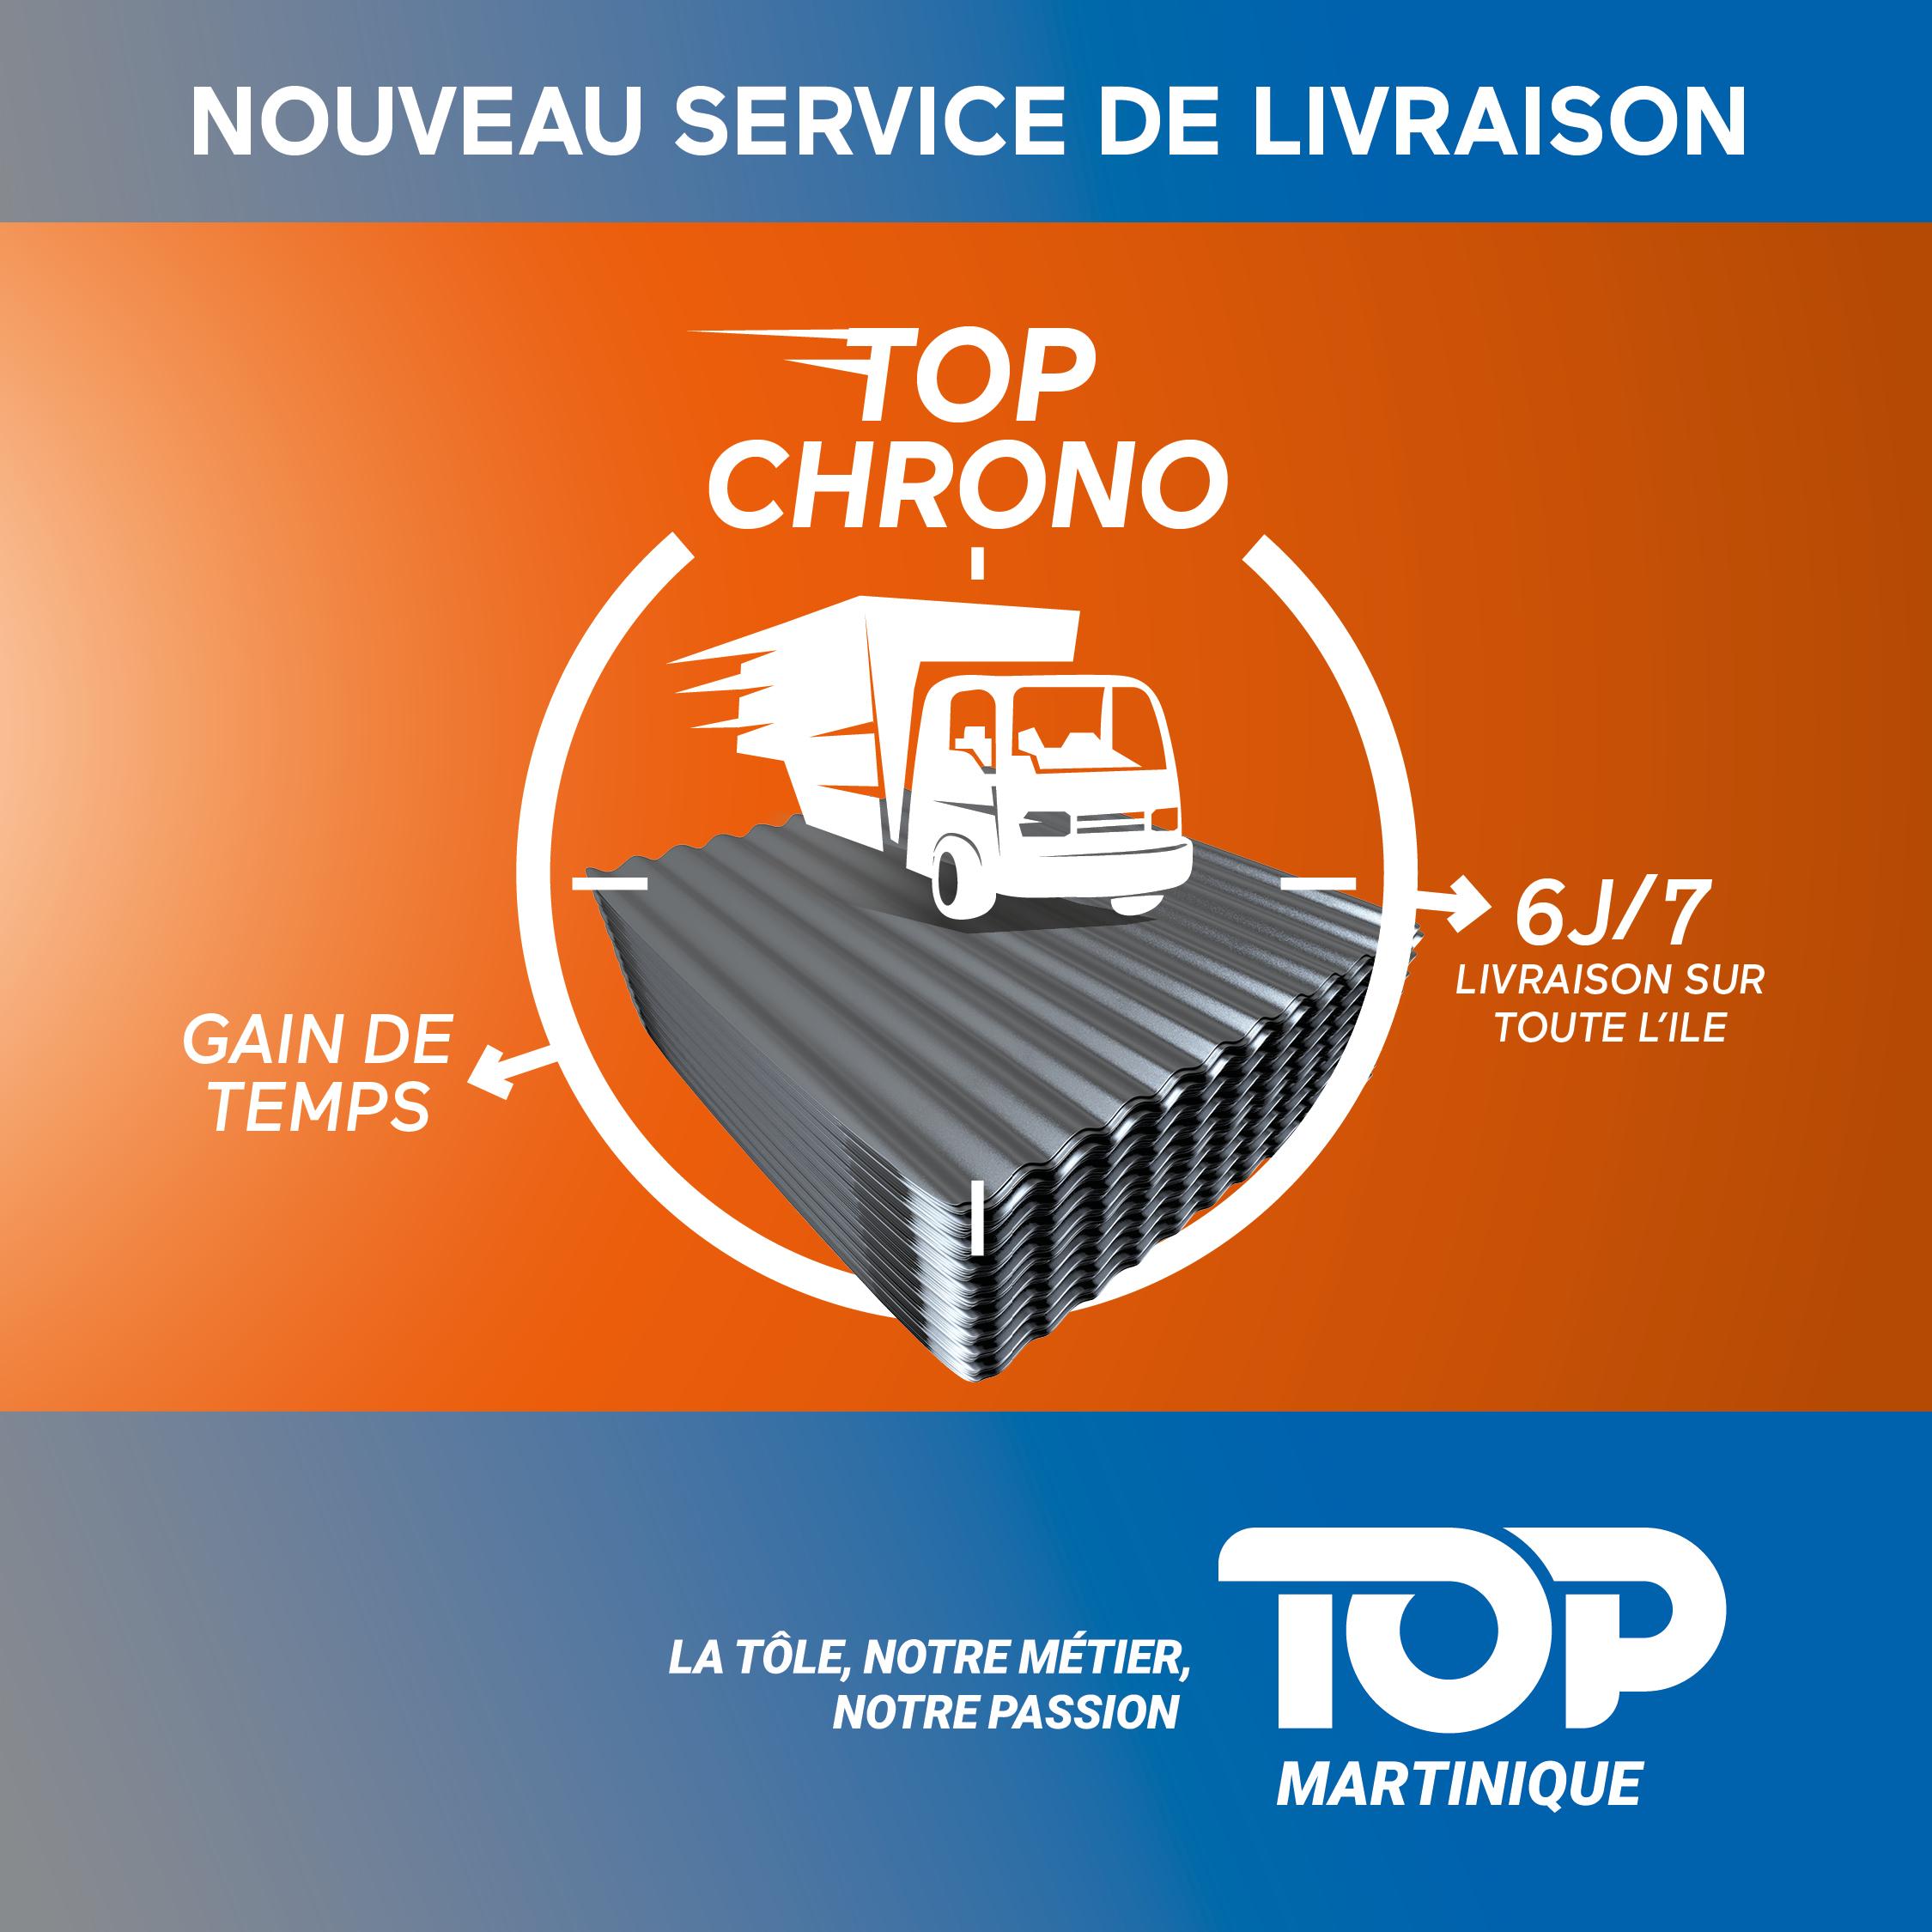 Publicité Top Martinique - Top Chrono